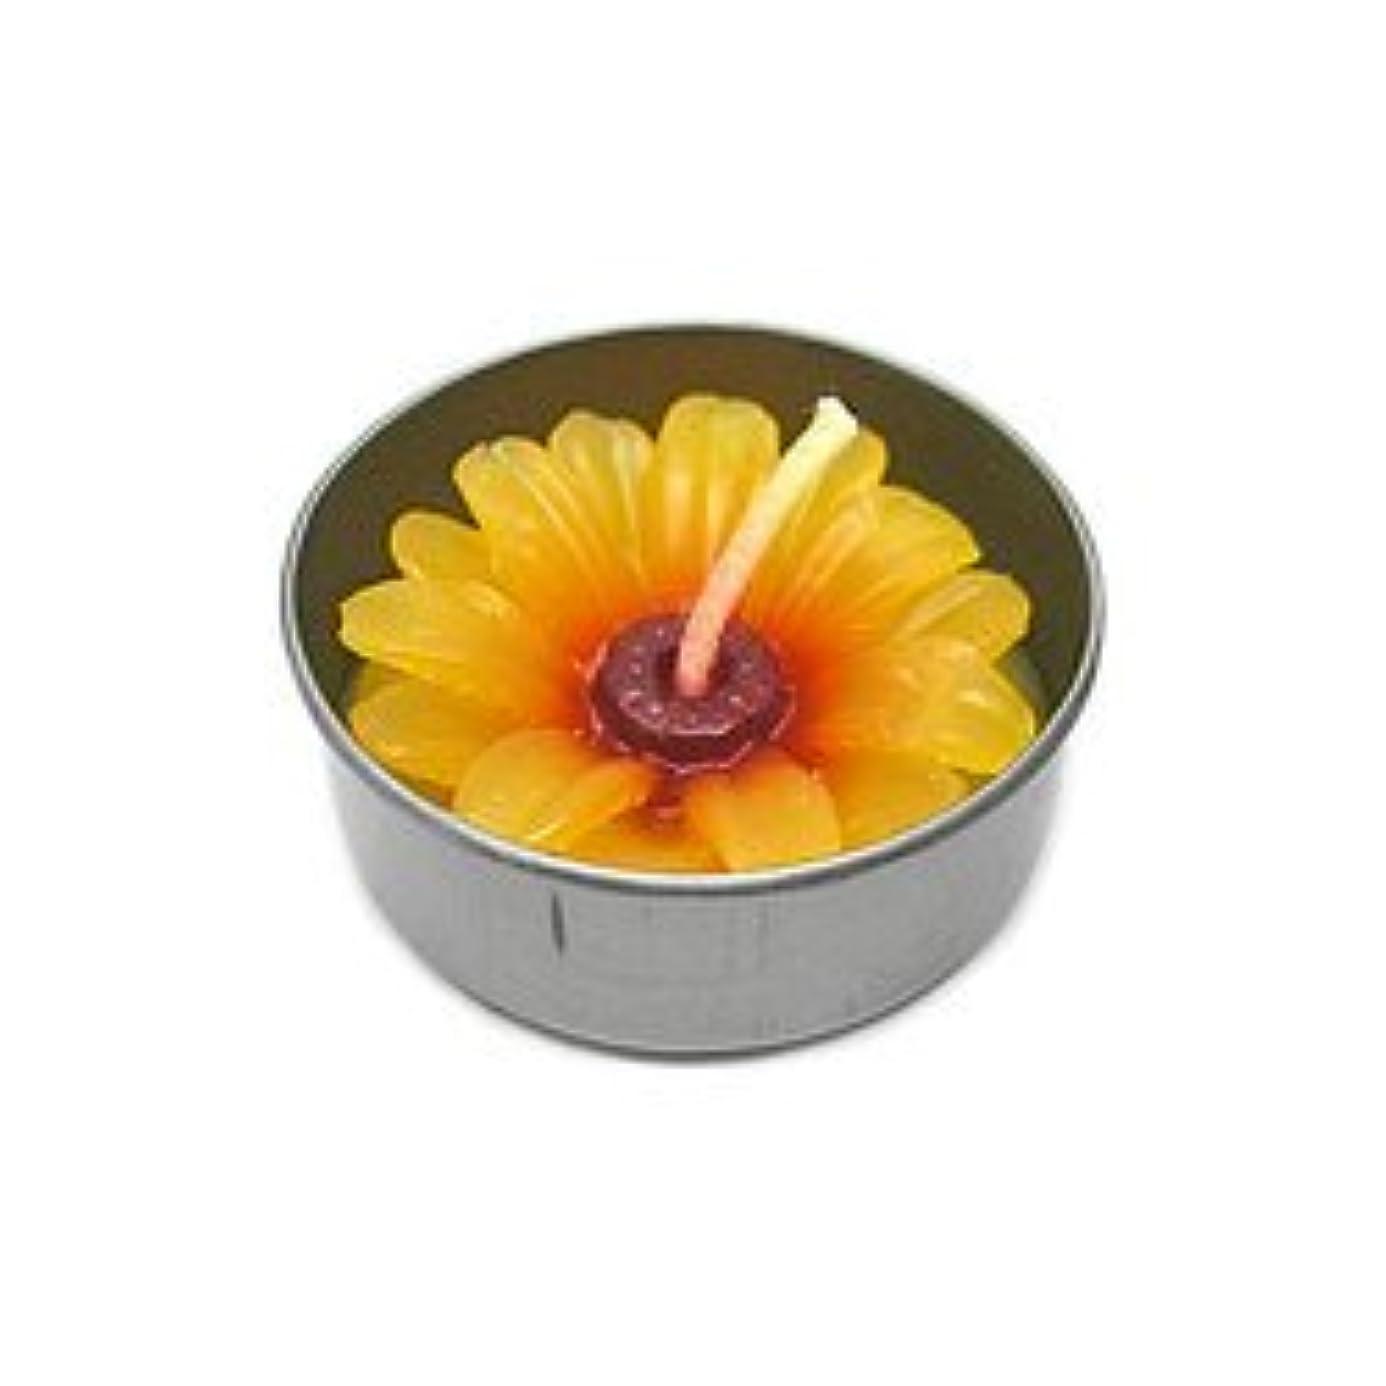 クロールそれるジェットアロマキャンドル  ミニ お花 薄オレンジ 鉄の器入り 器直径4cm アジアン雑貨